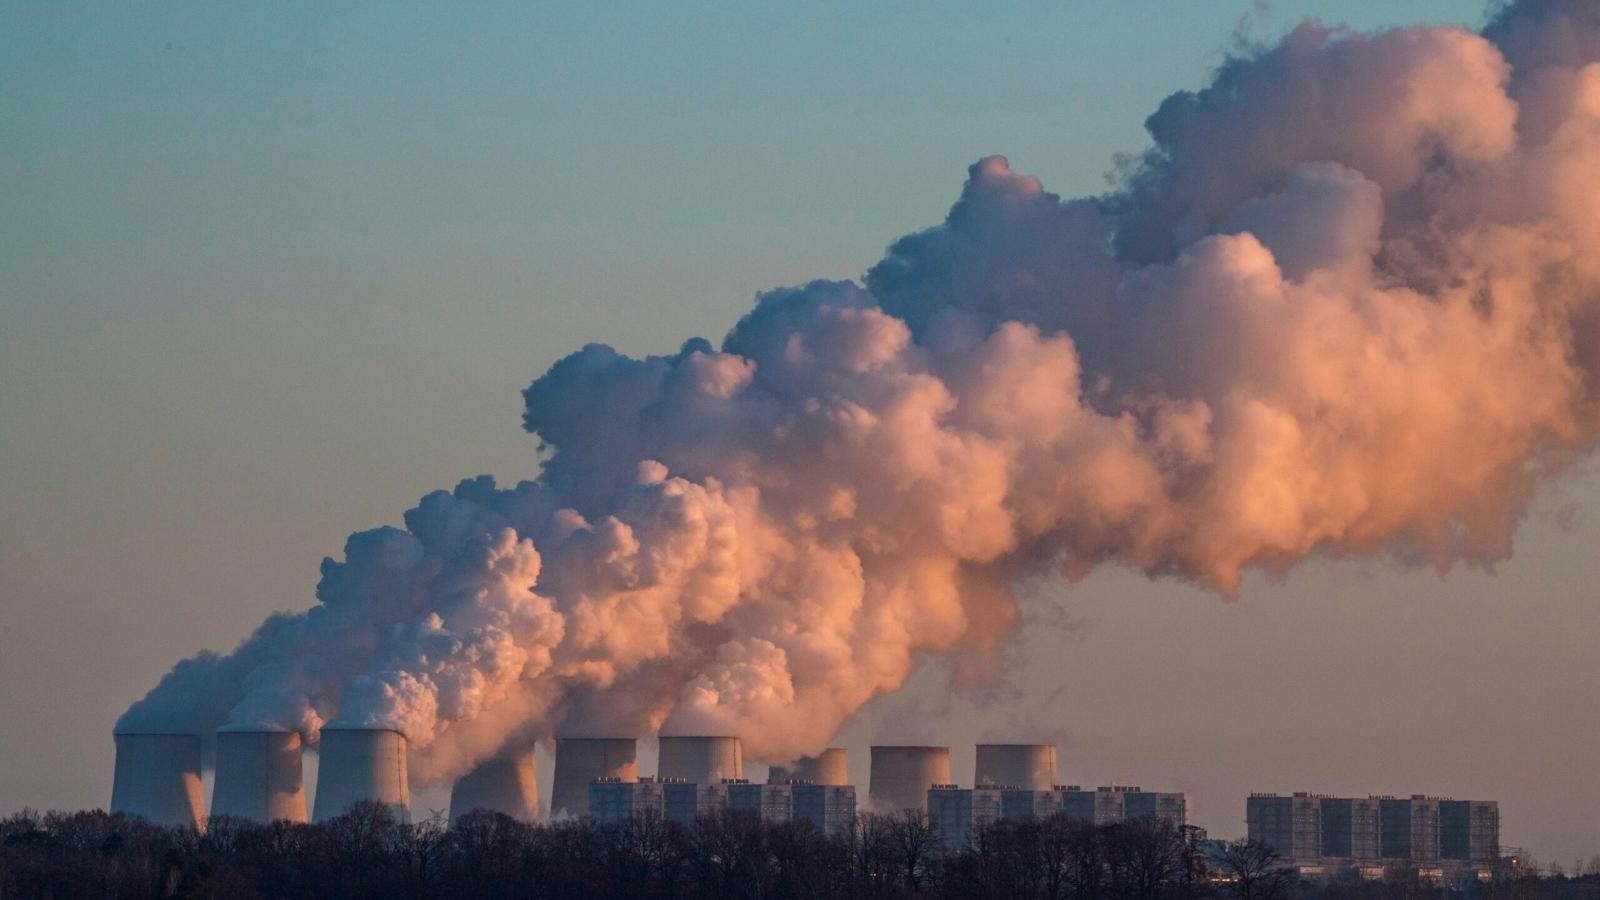 الاستخبارات الأمريكية: الاحترار المناخي يهدد الاستقرار العالمي